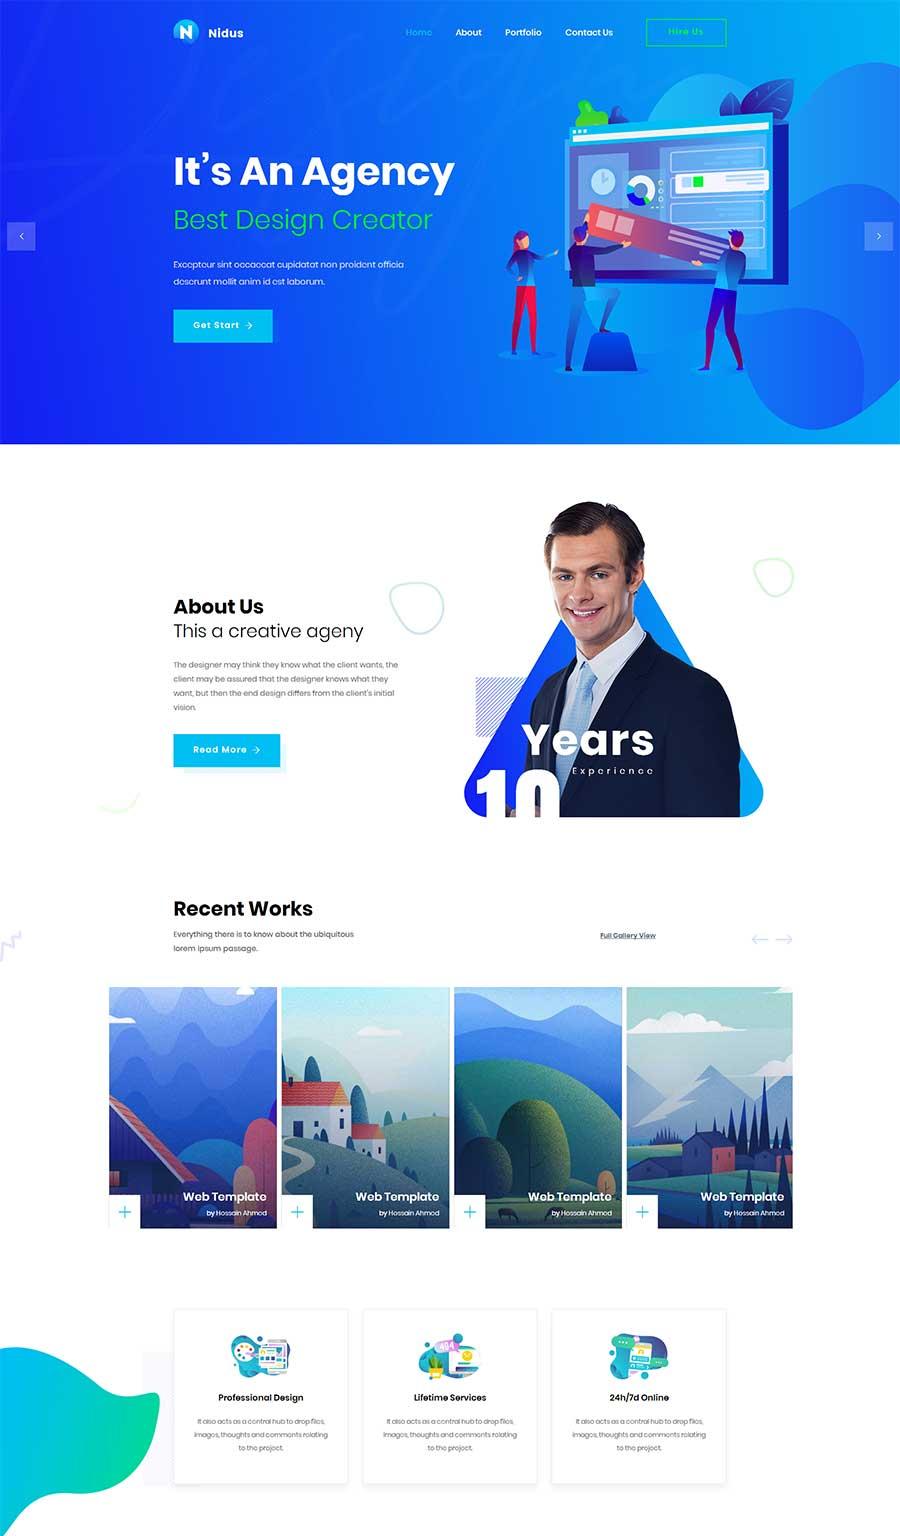 蓝色大气精美Bootstrap响应式创意设计企业官网模板